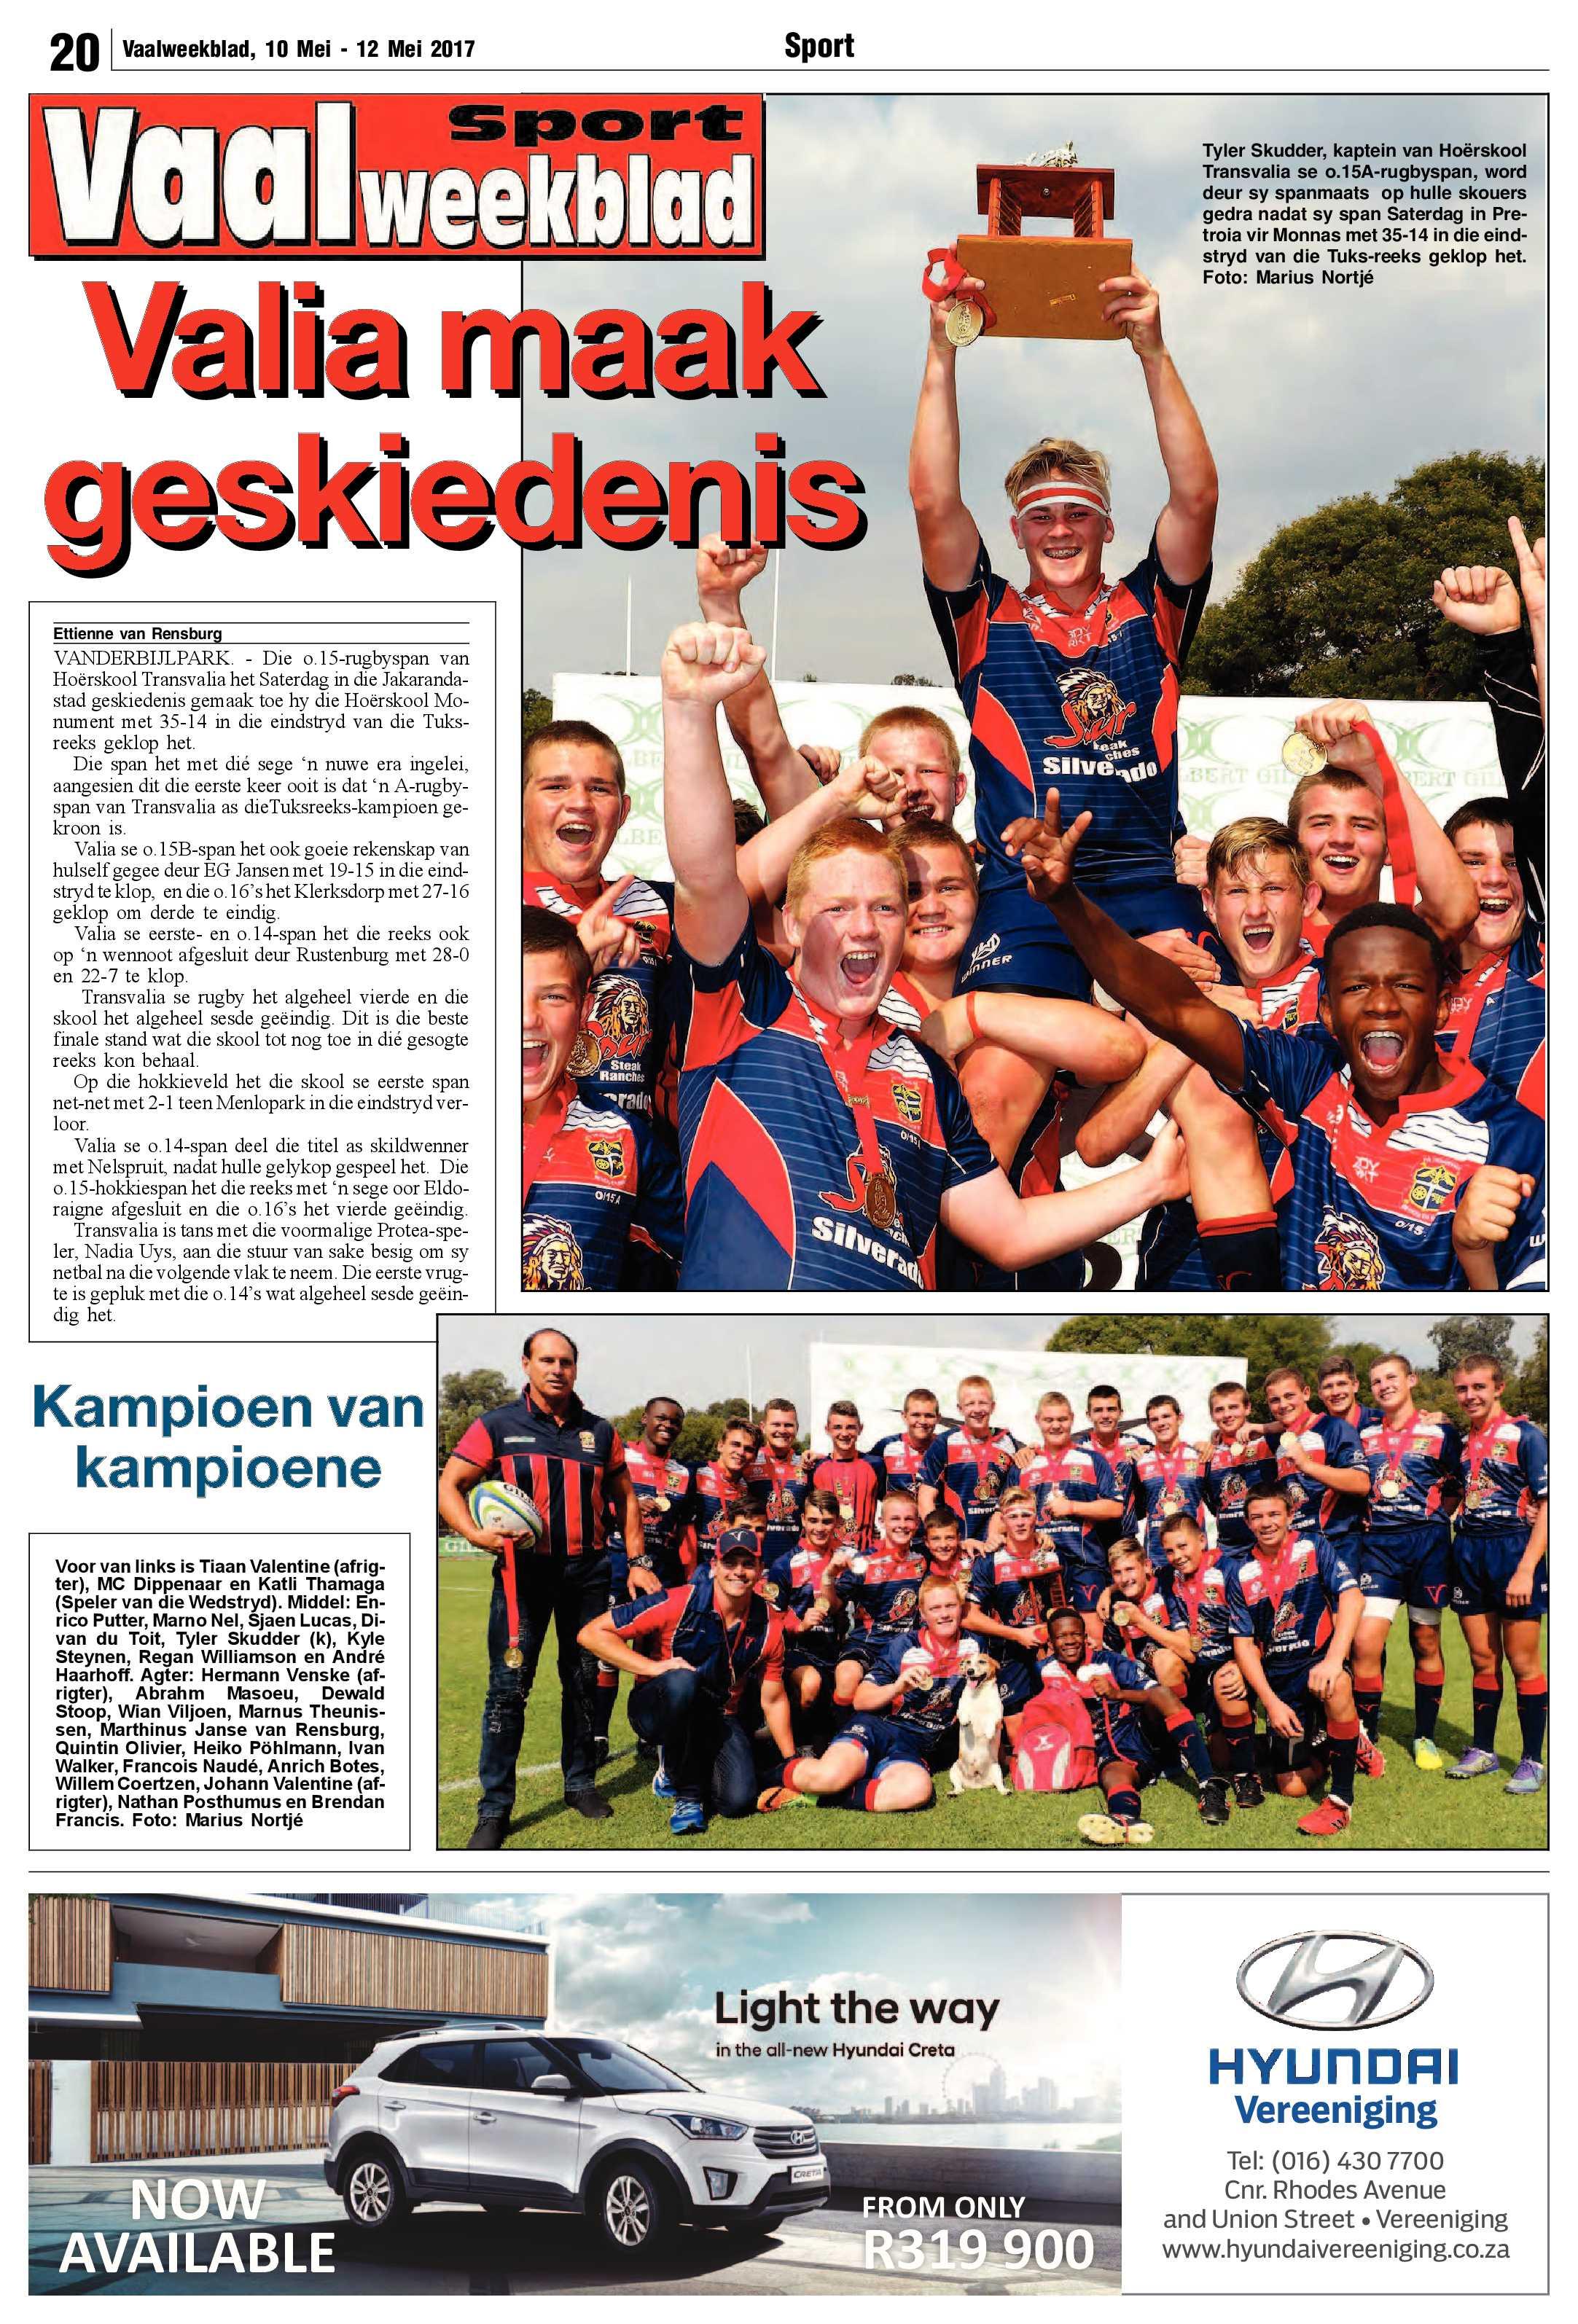 vaalweekblad-10-12-mei-2017-epapers-page-20